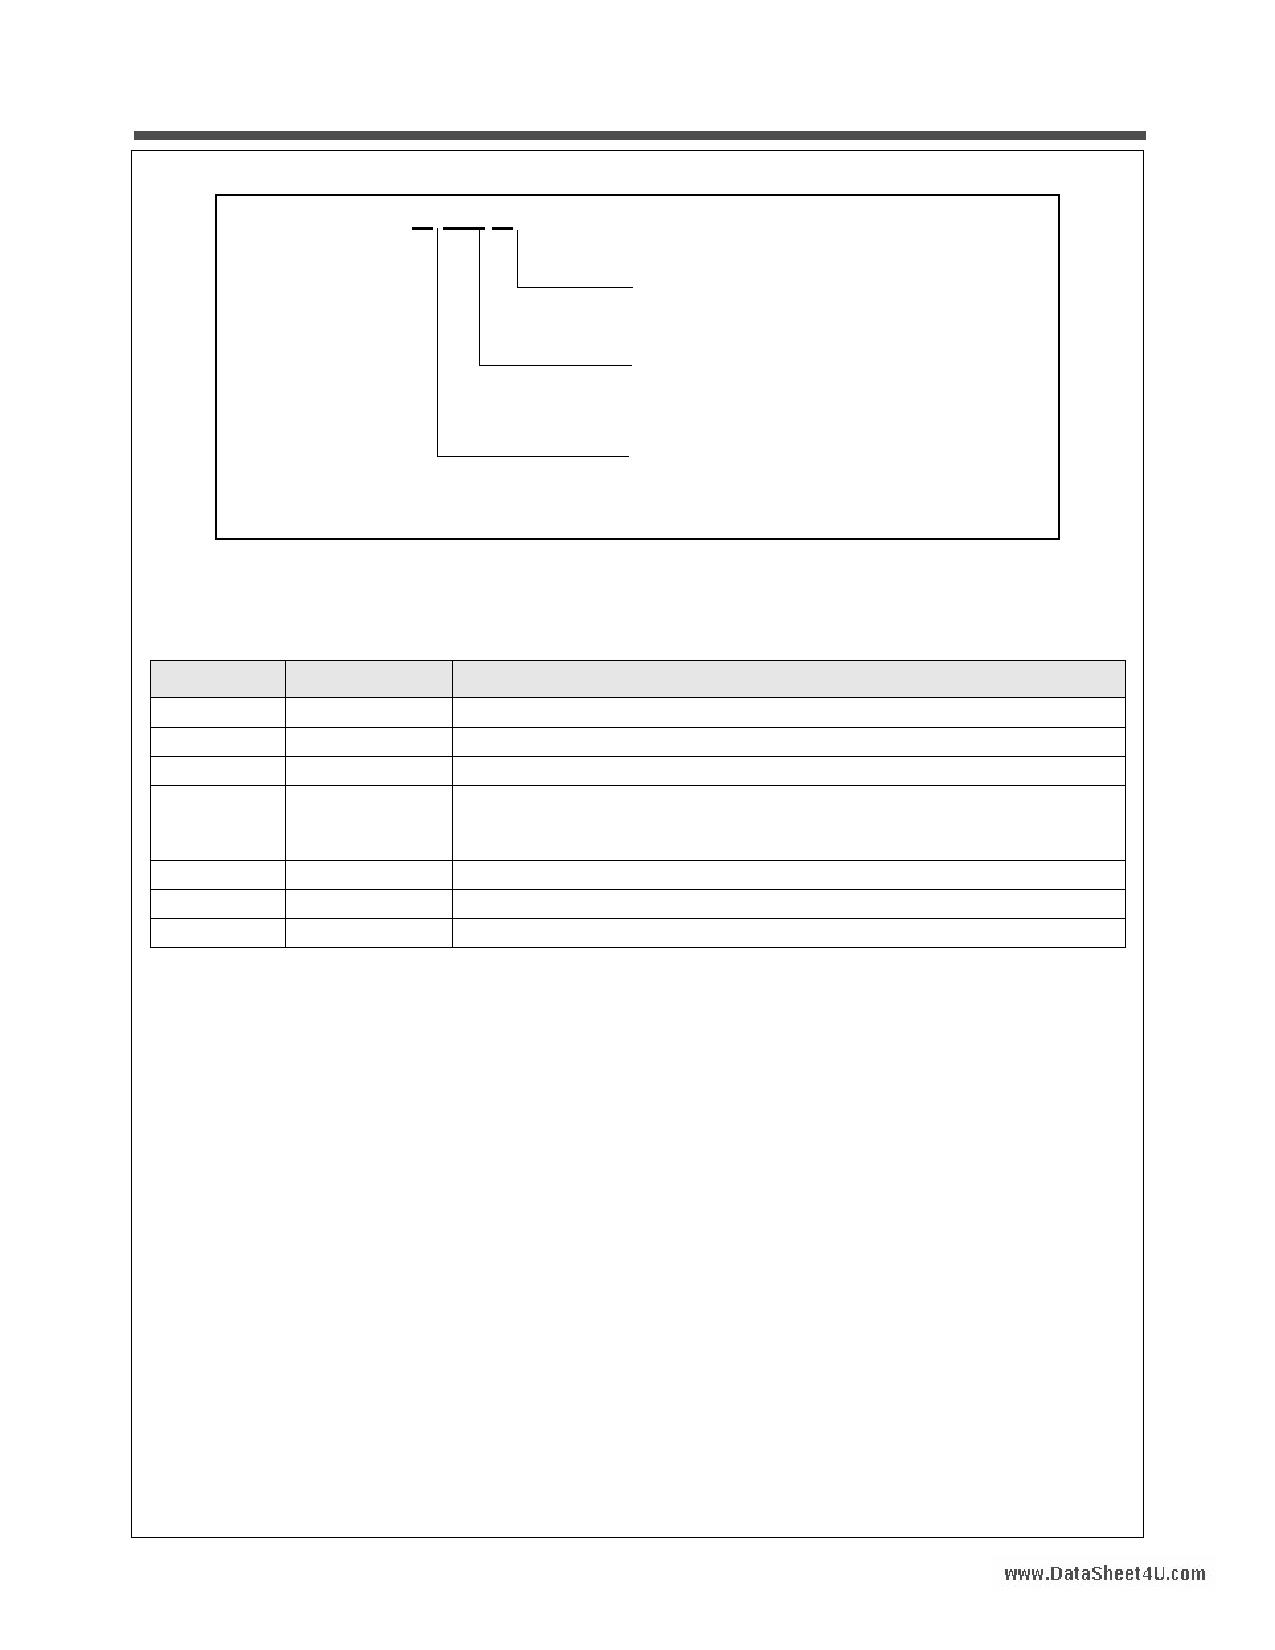 N04L1618C2A arduino